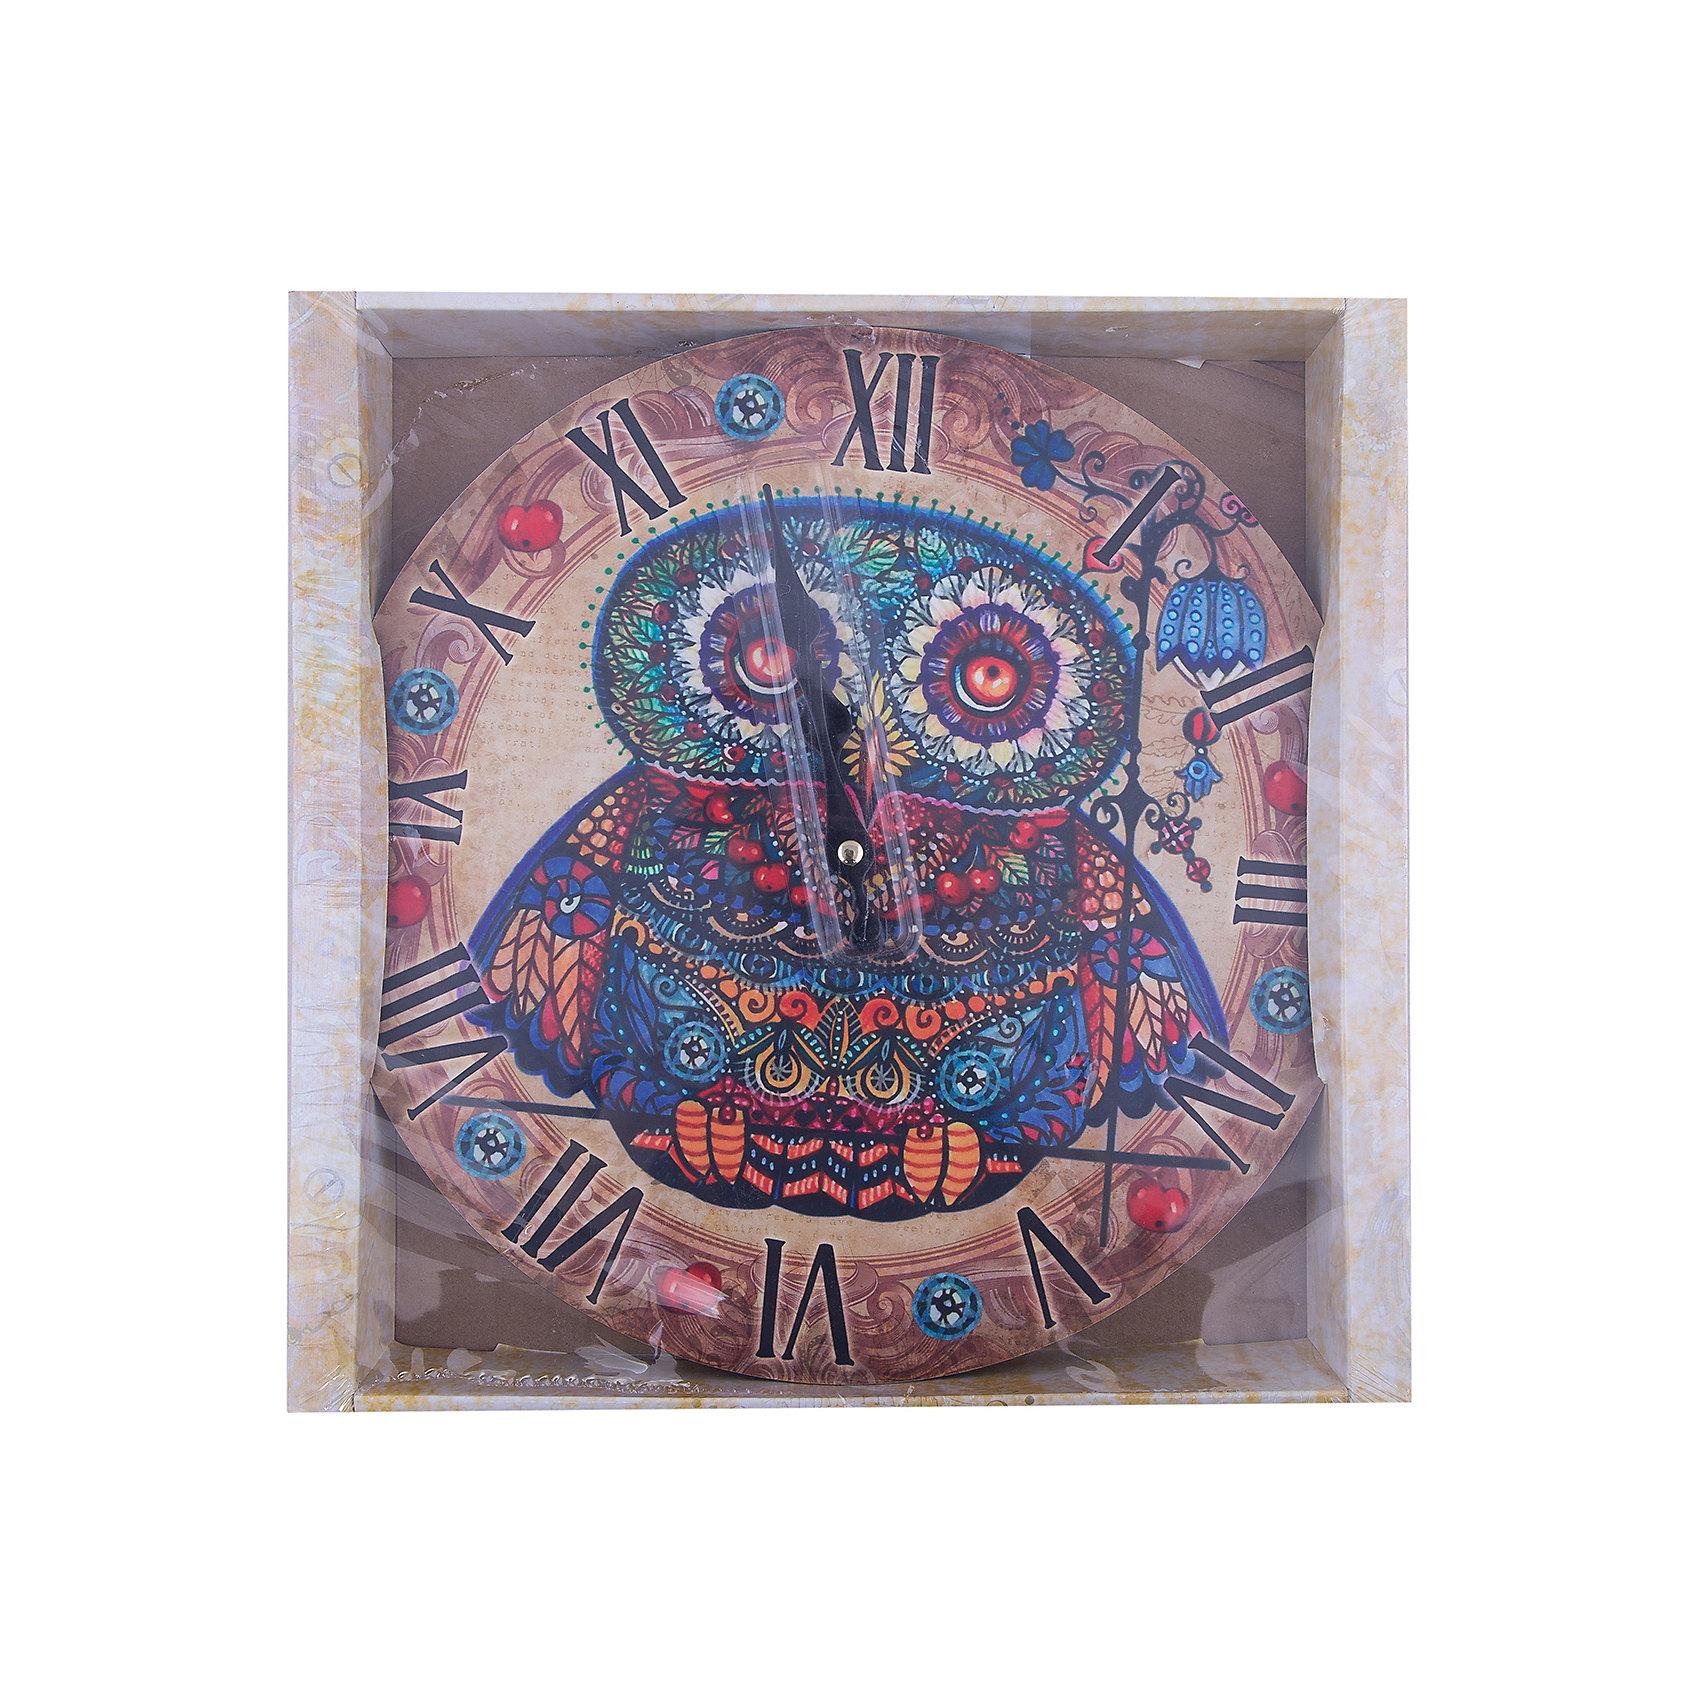 Часы настенные Волшебная сова с рябиной, диаметр 34Предметы интерьера<br>Часы настенные Волшебная сова с рябиной, диаметр 34.<br><br>Характеристики:<br><br>- Диаметр: 34 см.<br>- Две стрелки часовая и минутная<br>- Батарейка: 1 типа АА (в комплект не входит)<br>- Цвет: антрацитовый, бежевый, красный<br>- Упаковка картонная коробка<br><br>Кварцевые настенные часы с механизмом плавного хода помимо своего прямого назначения – показывать точное время – станут важным элементом декора Вашего дома, квартиры или офиса. Открытый циферблат часов выполнен из листа оргалита с декоративным покрытием, оформлен изображением совы и ягод рябины. Часовая и минутная стрелки металлические. Часовой механизм закрыт пластиковым корпусом. Часы будут ярким акцентом в интерьере и создадут дополнительный уют и хорошее настроение.<br><br>Часы настенные Волшебная сова с рябиной, диаметр 34 можно купить в нашем интернет-магазине.<br><br>Ширина мм: 345<br>Глубина мм: 340<br>Высота мм: 45<br>Вес г: 2500<br>Возраст от месяцев: 72<br>Возраст до месяцев: 144<br>Пол: Унисекс<br>Возраст: Детский<br>SKU: 5089816